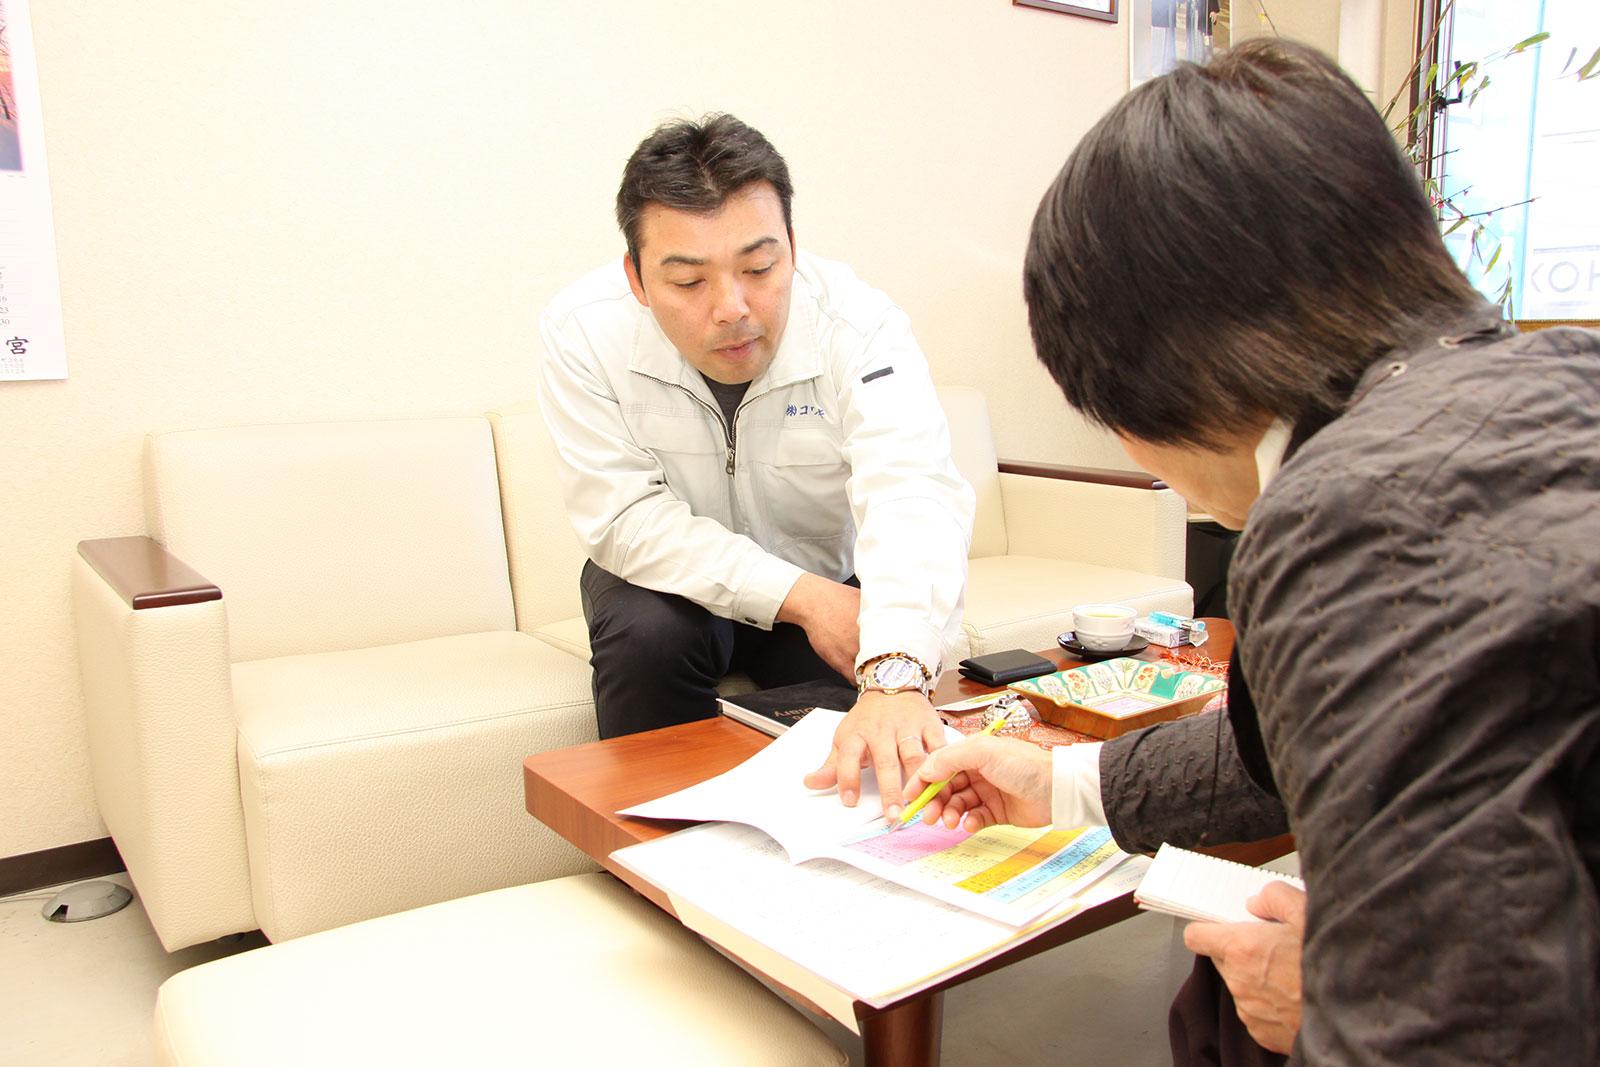 取材中の岡本さん、リアルな出会いを重視した丁寧な取材にこだわってきた。